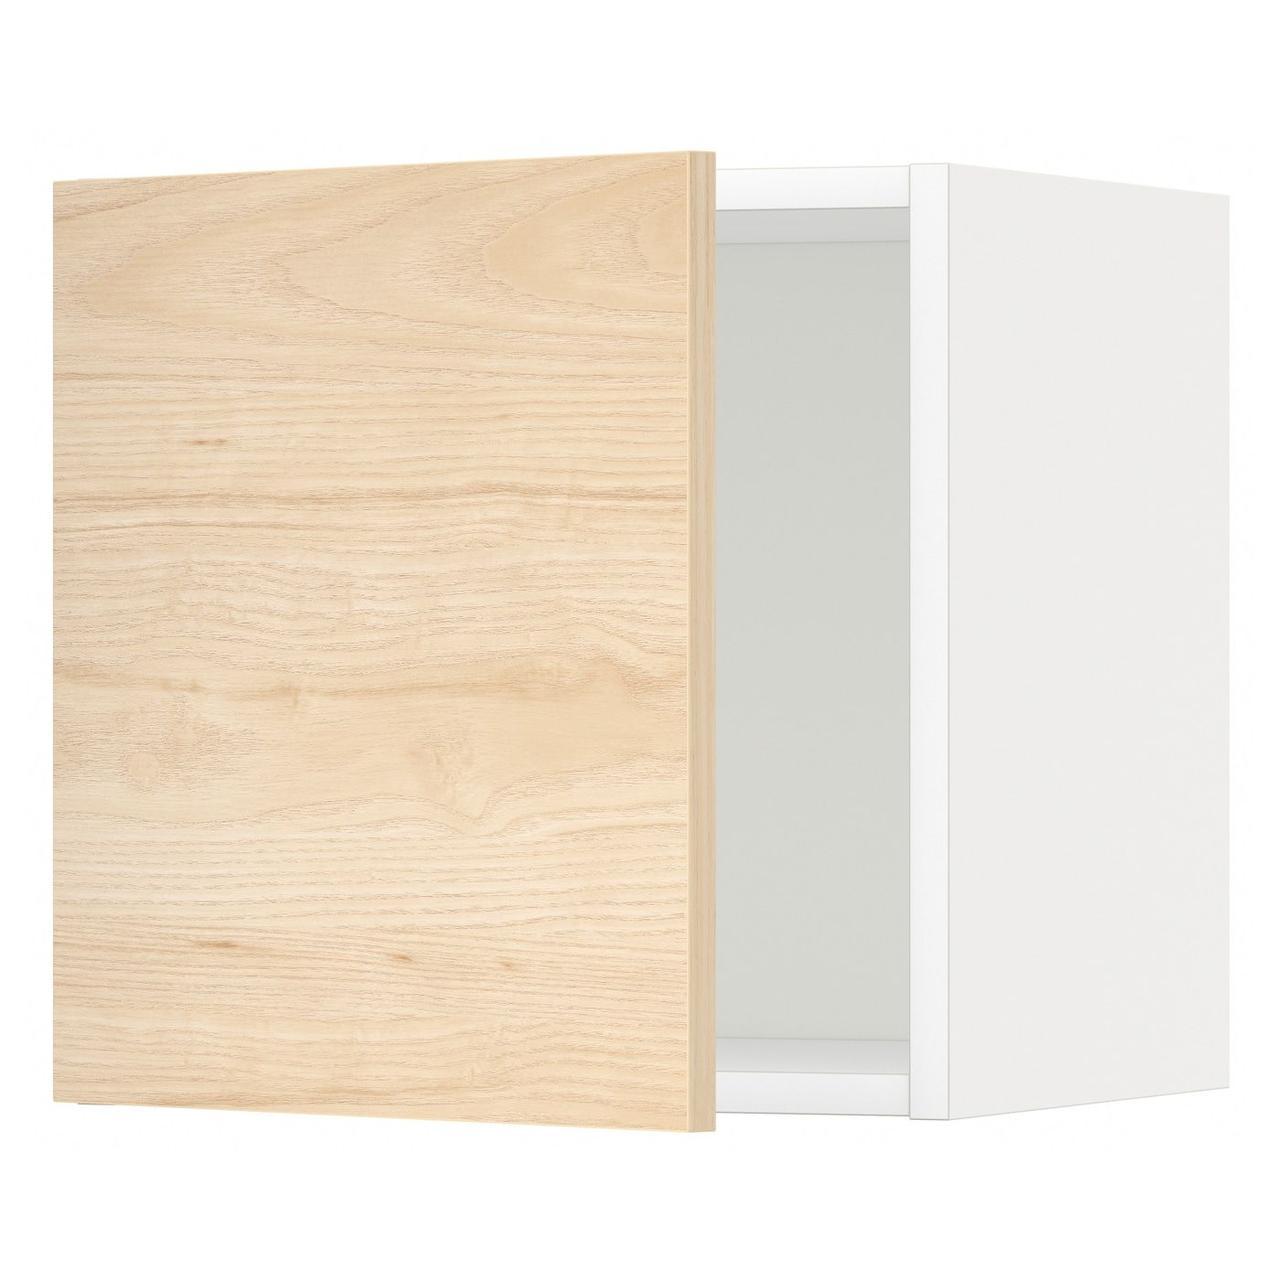 IKEA METOD (ІКЕА МЕТОДИ) 59369897